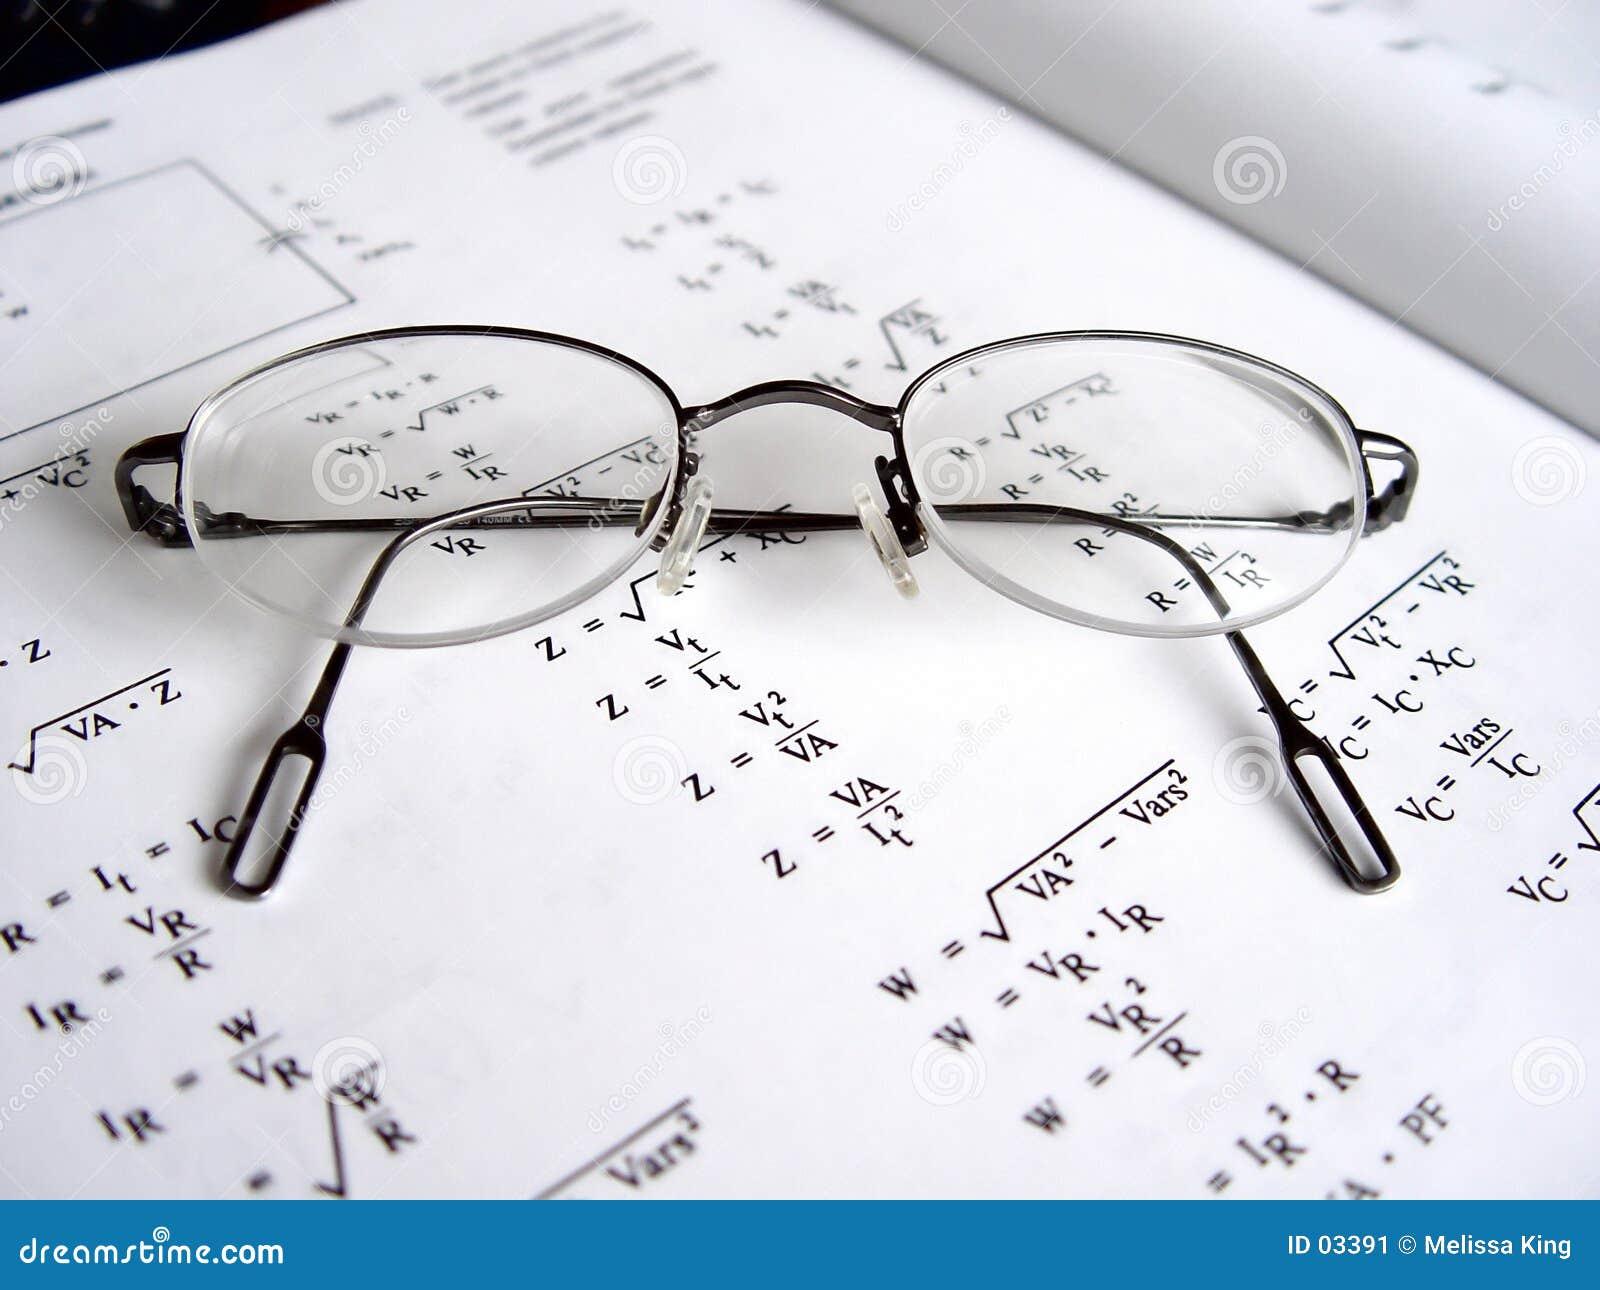 Glasses on Book II